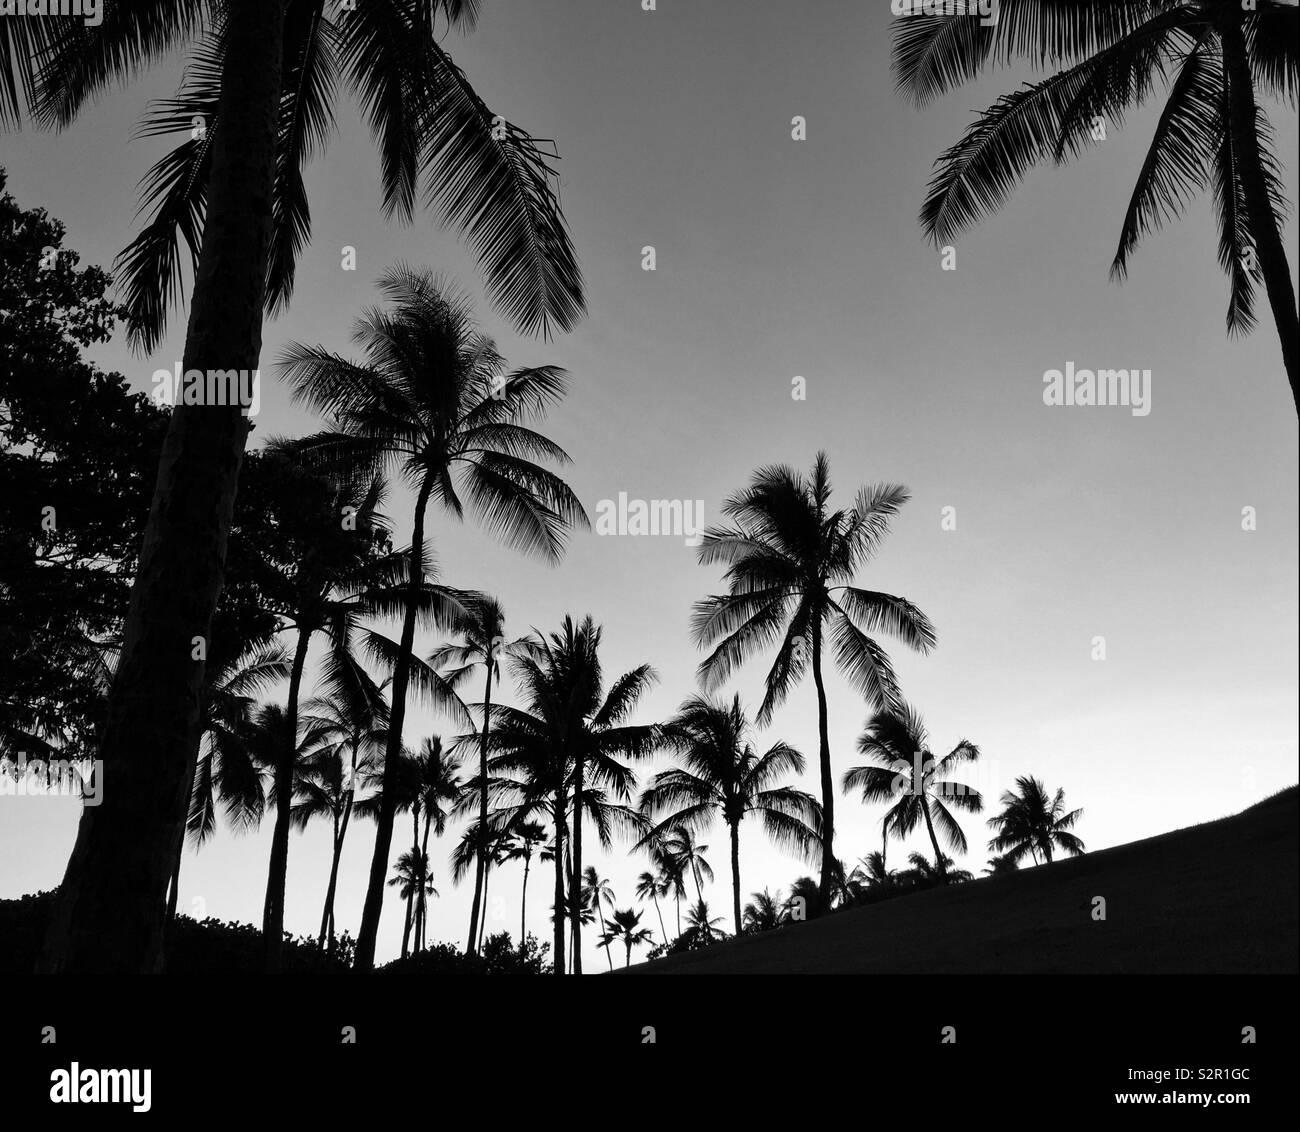 Arboleda de cocoteros en blanco y negro Foto de stock